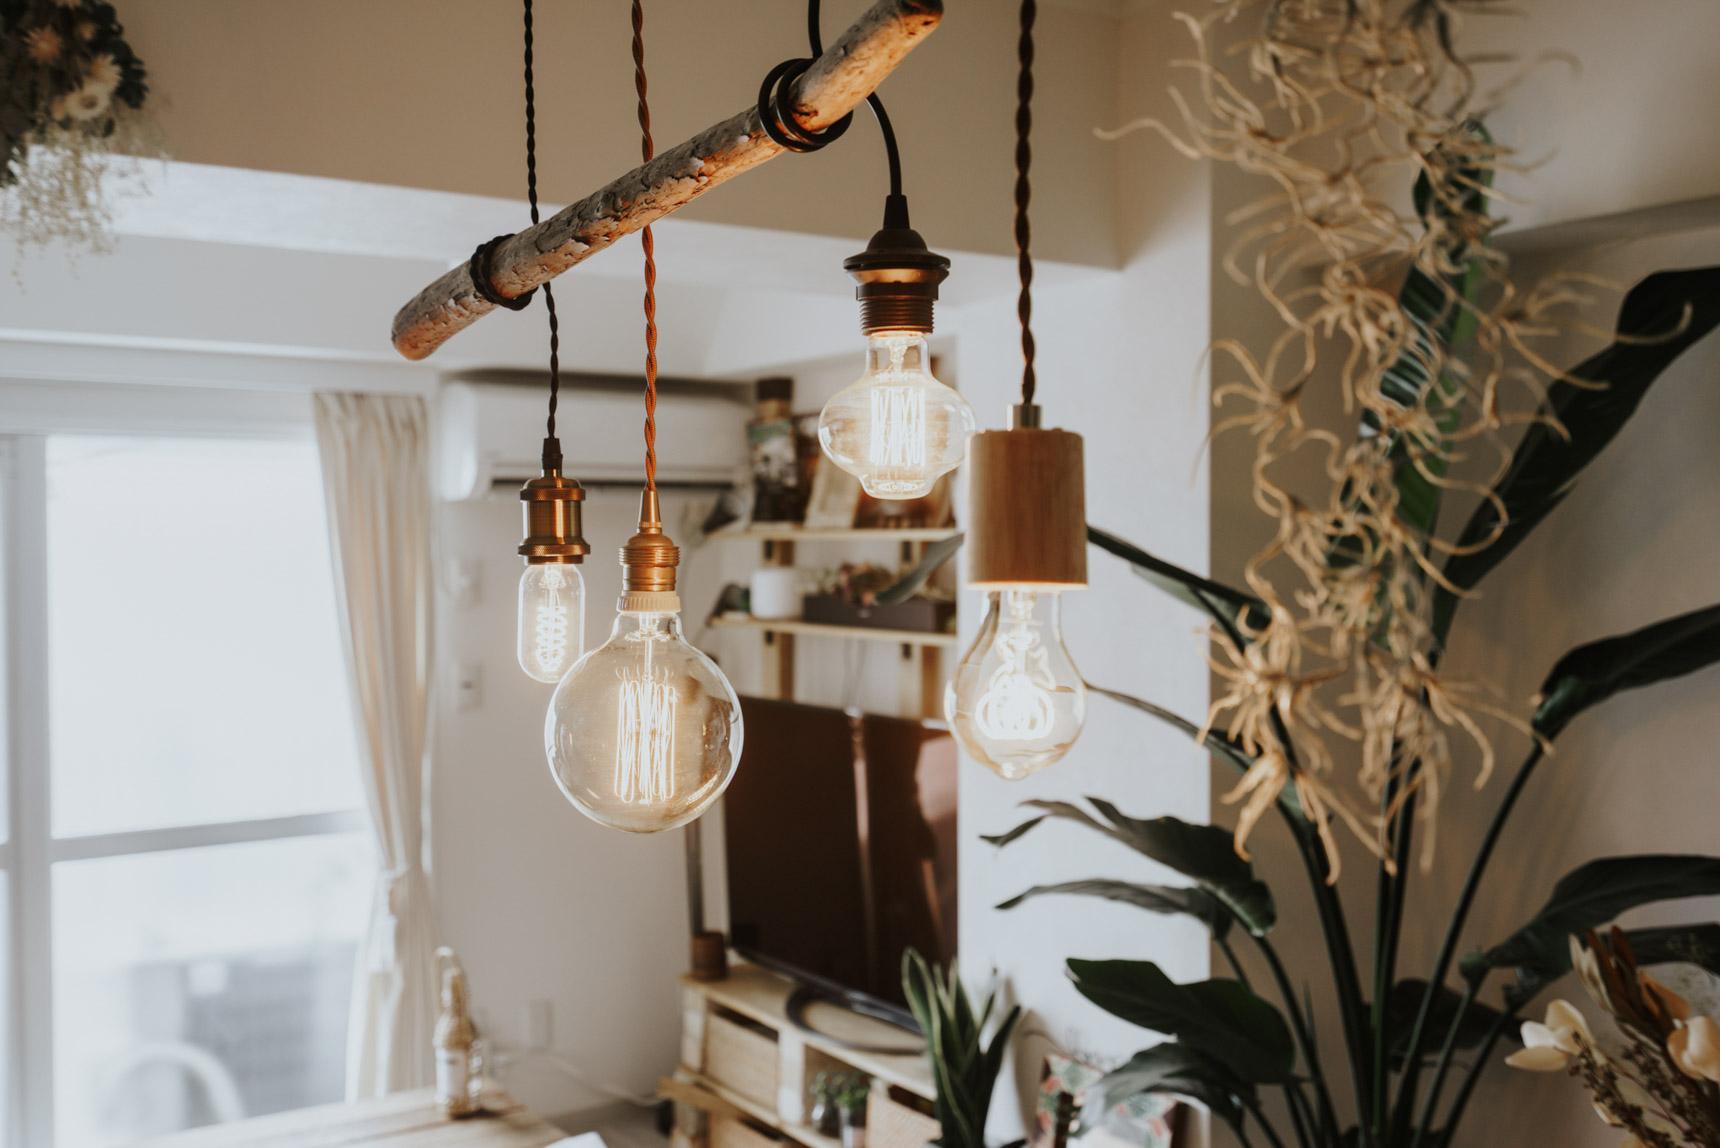 複数のソケットコードランプをそのまま吊り下げるのではなく、流木と組み合わせてまとまり感のあるおしゃれランプに。